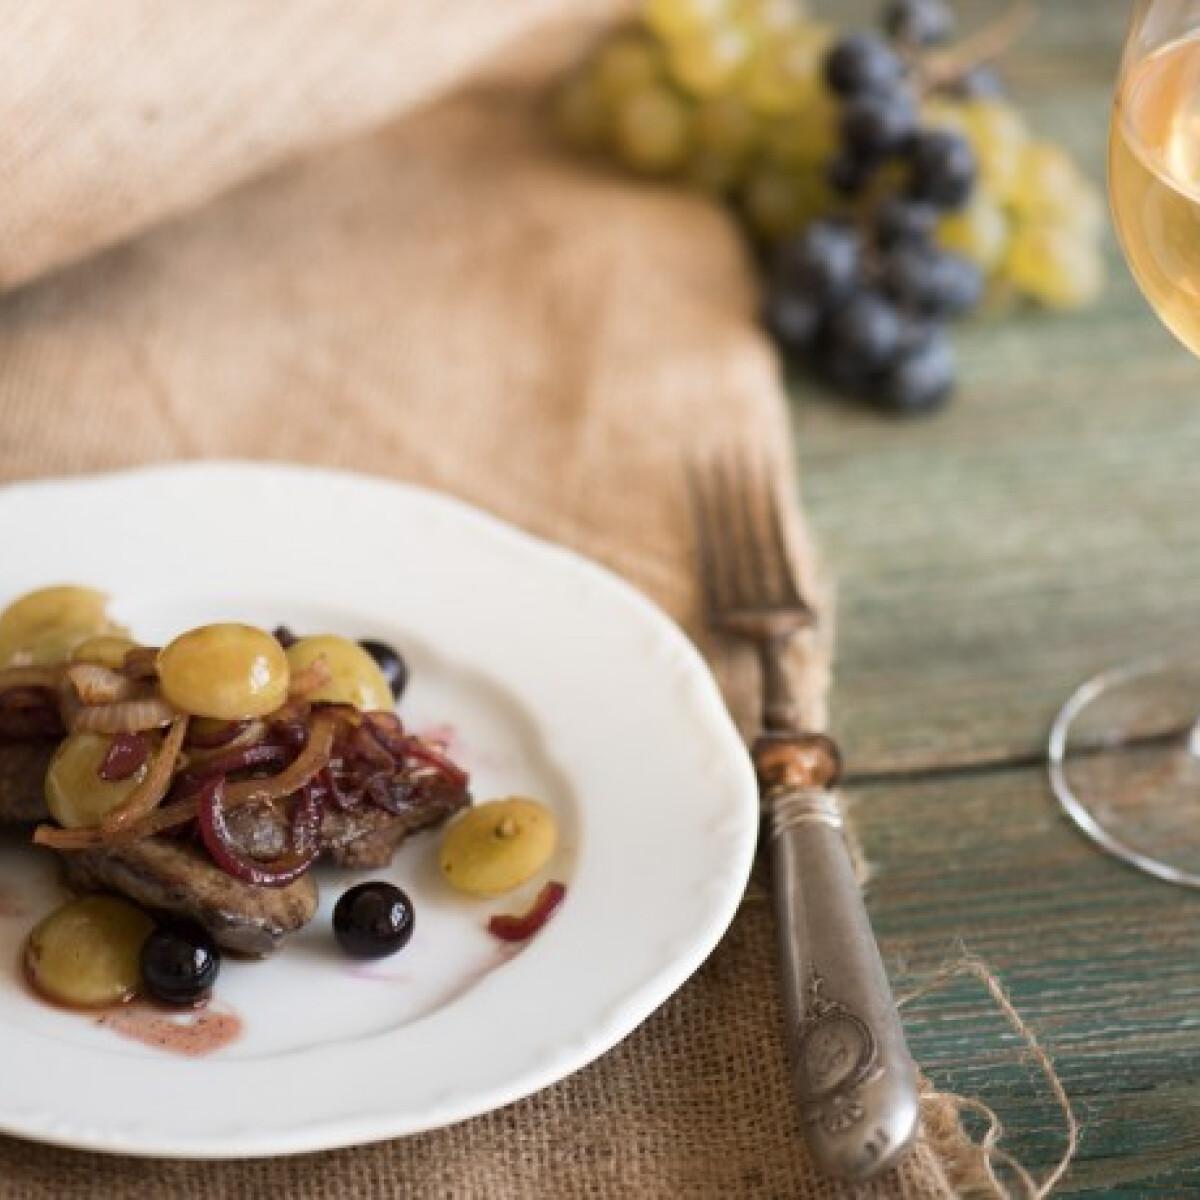 Csirkemáj szőlővel és mustmártással